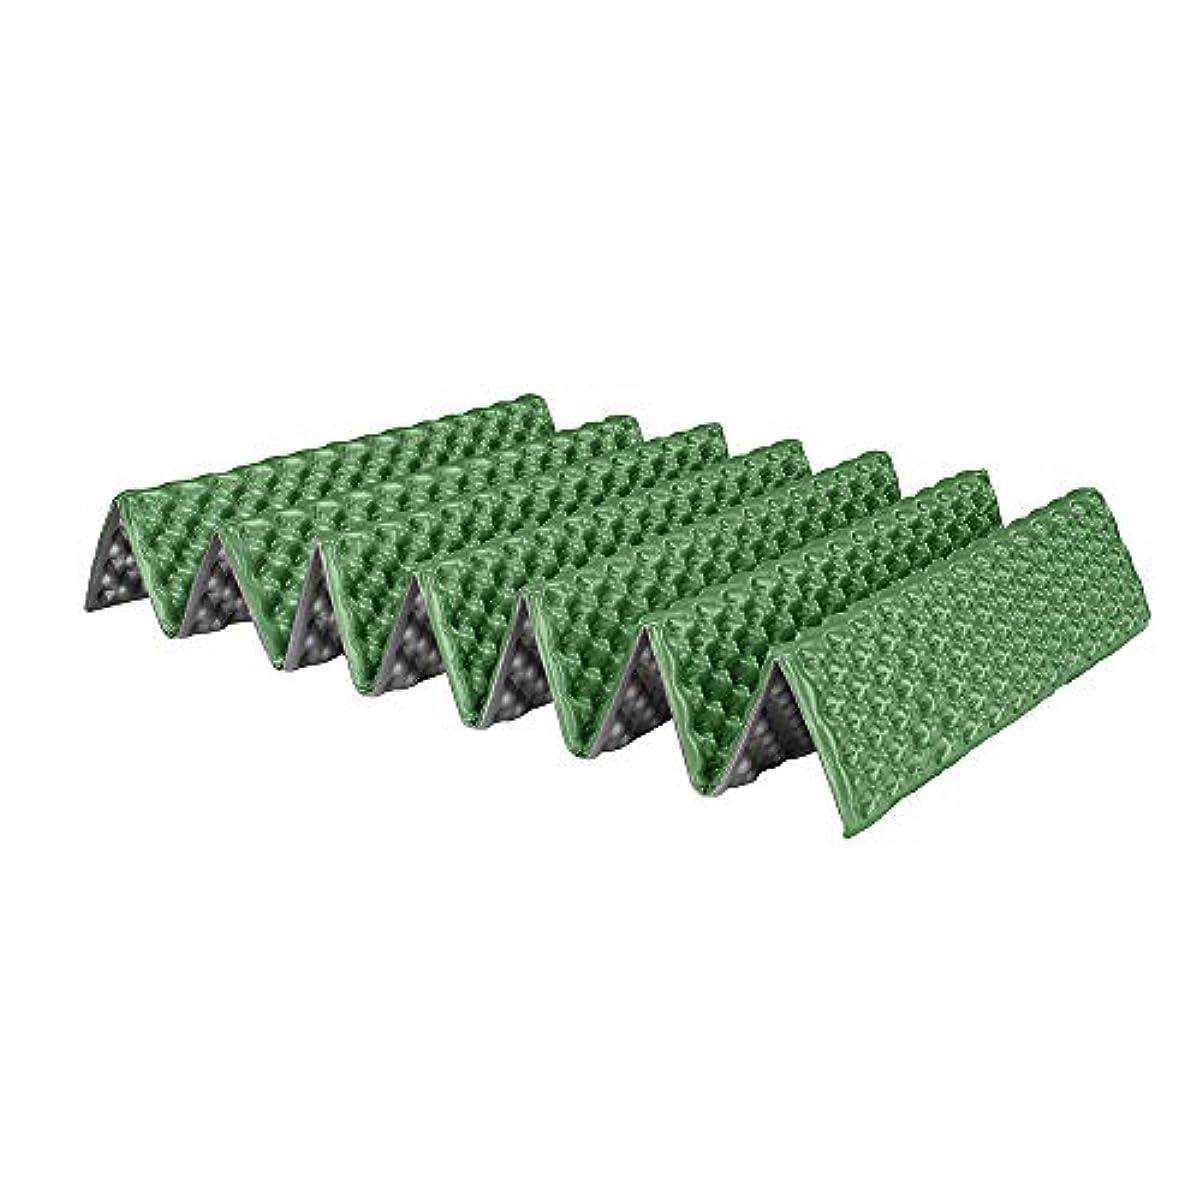 公平リンク怒っているキャンピングマット 防湿 パッドピクニック マット 軽量 折り畳み パッド